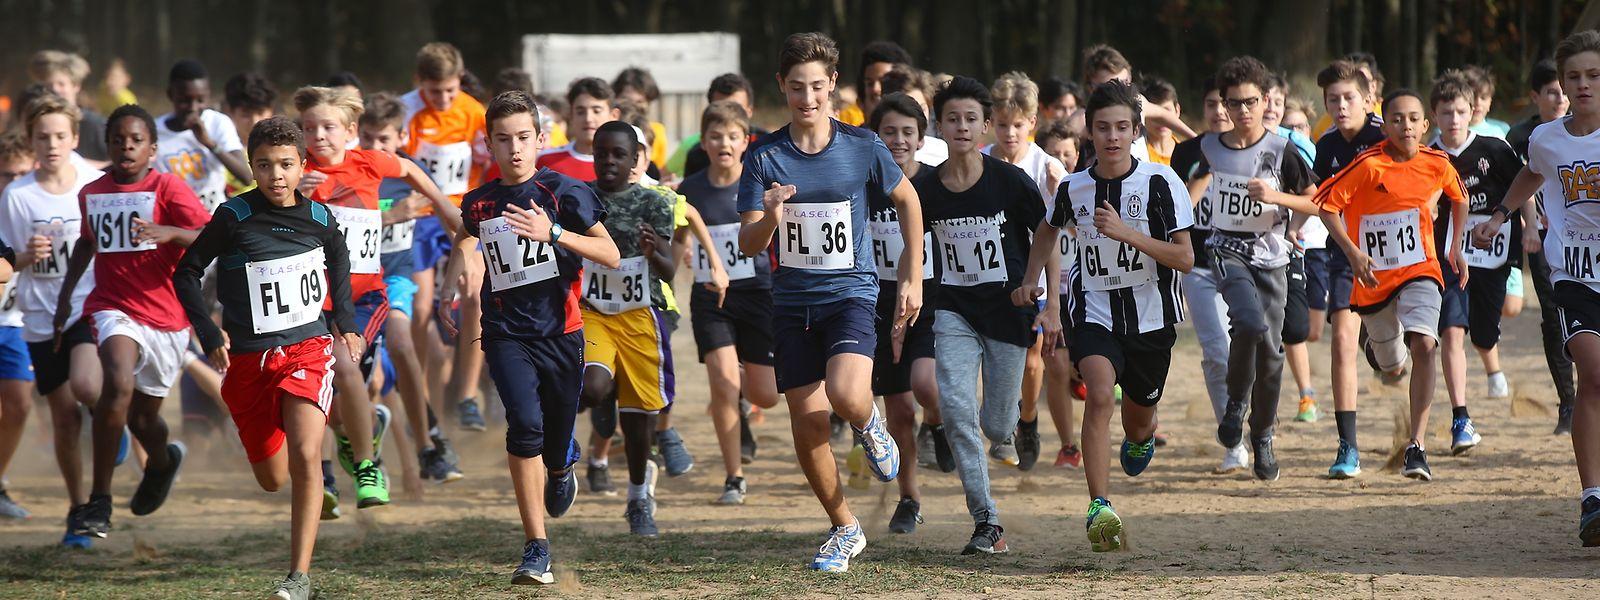 Bei bestem Wetter kämpften die Schüler in sieben Kategorien um Platz eins.